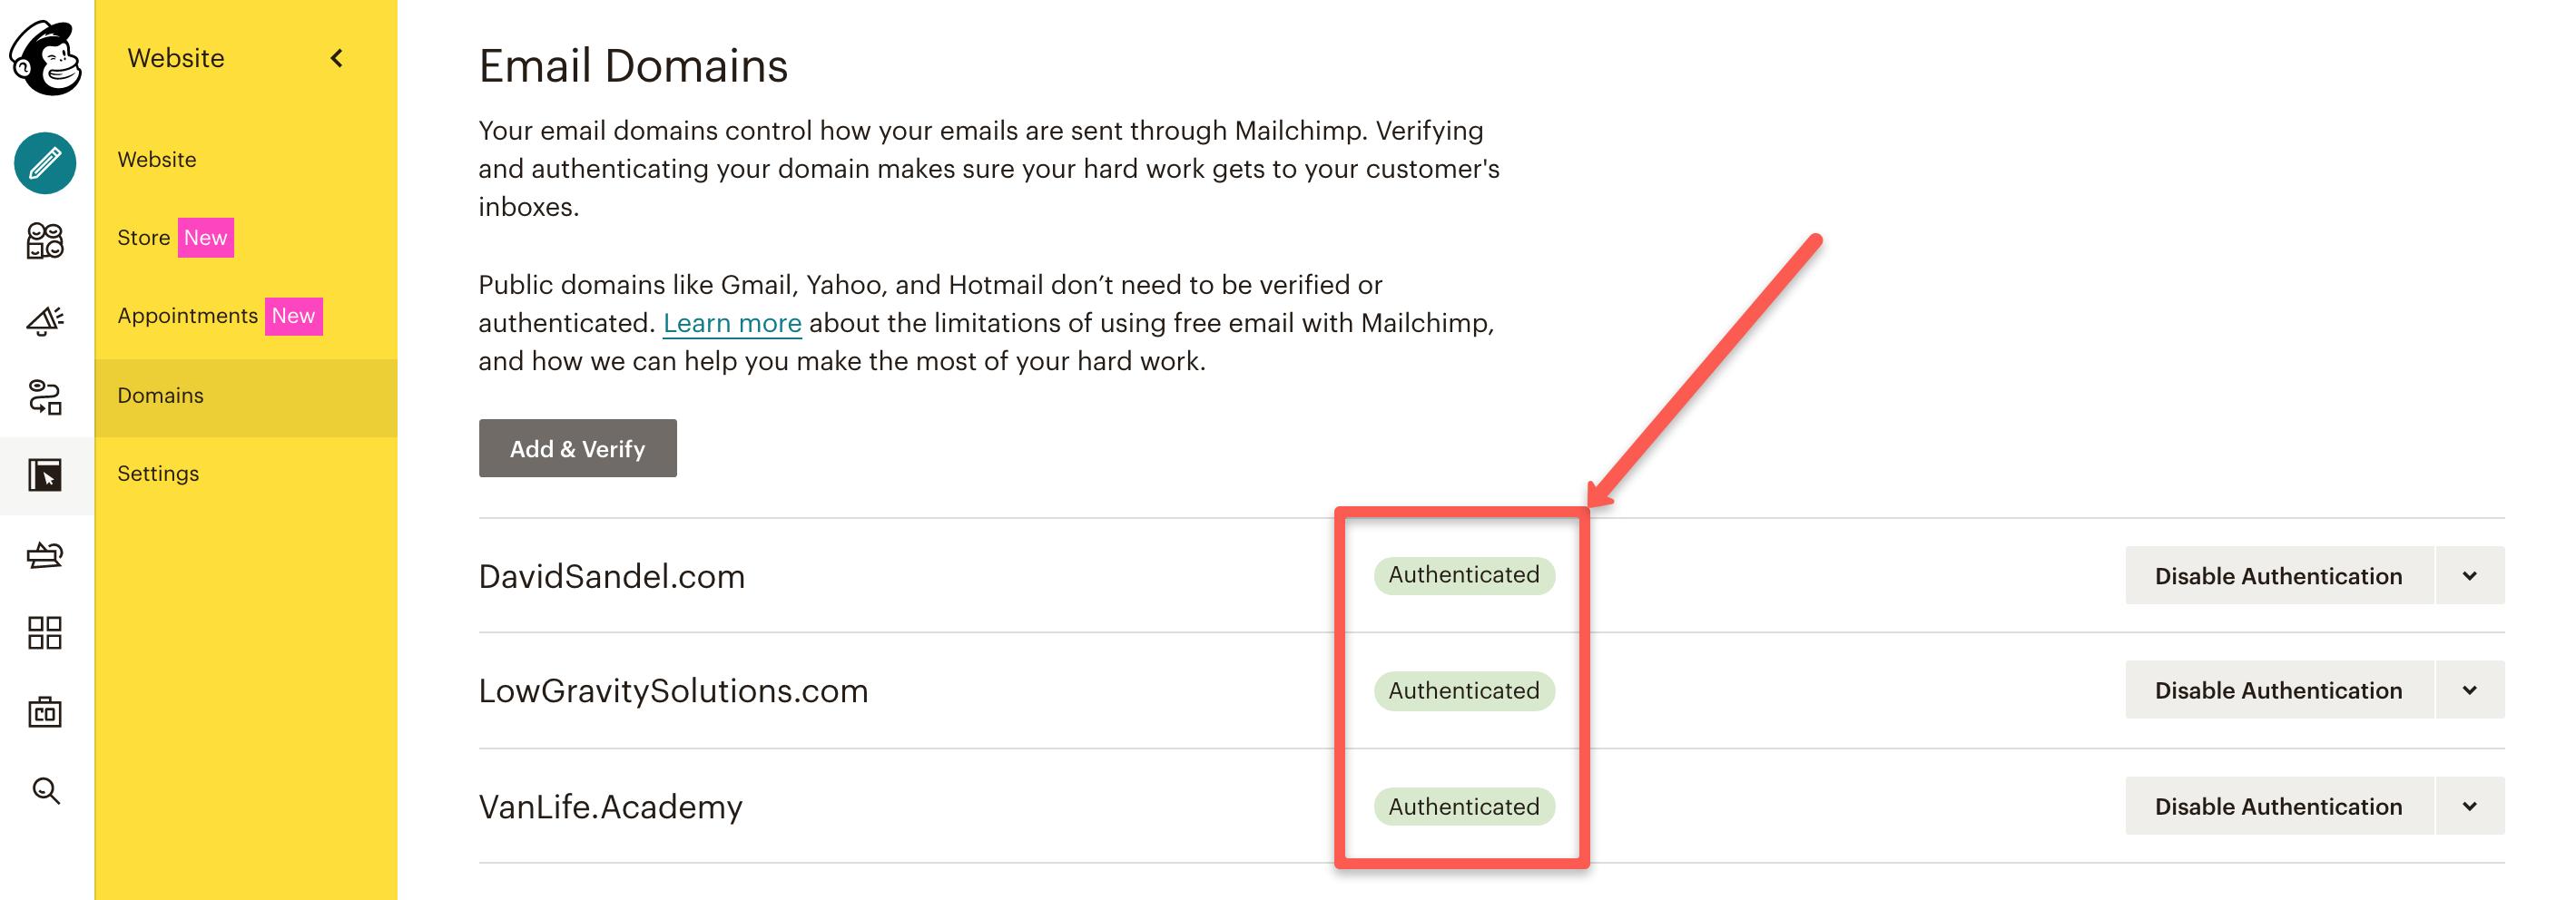 MailChimp Authenticated Domains